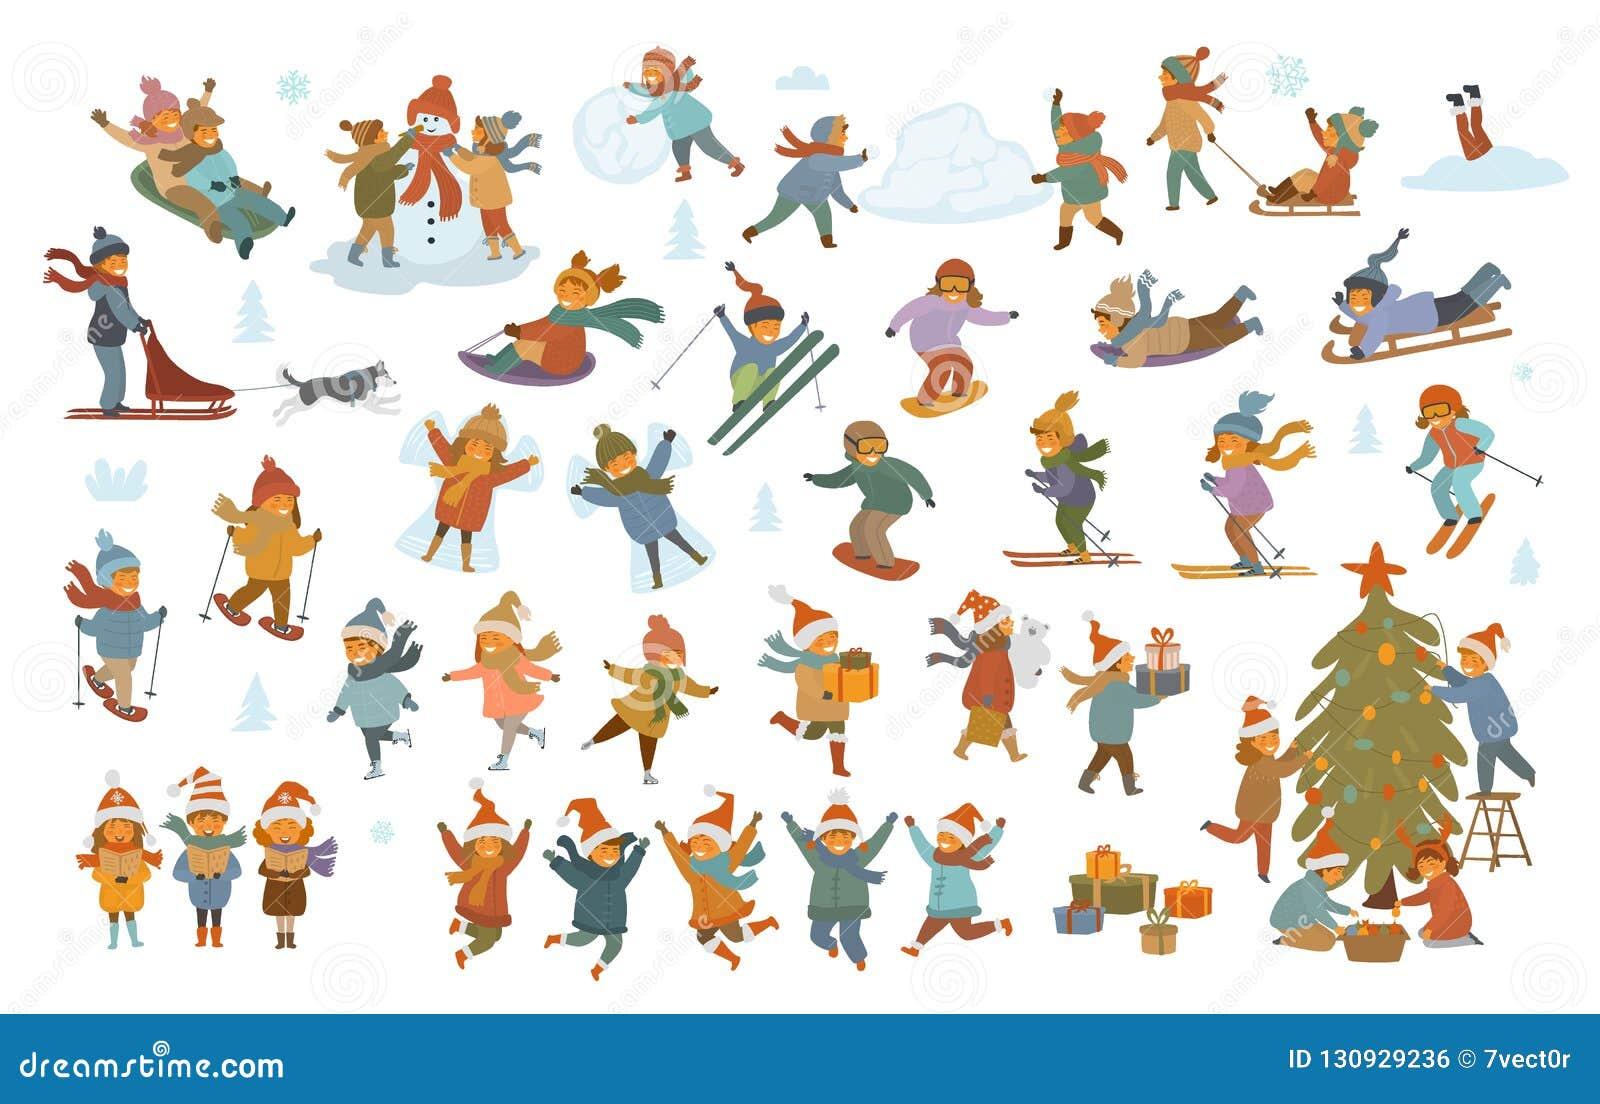 活跃冬天和圣诞快乐做雪人雪天使,戏剧的孩子、男孩和女孩,sledding,滑冰,滑雪